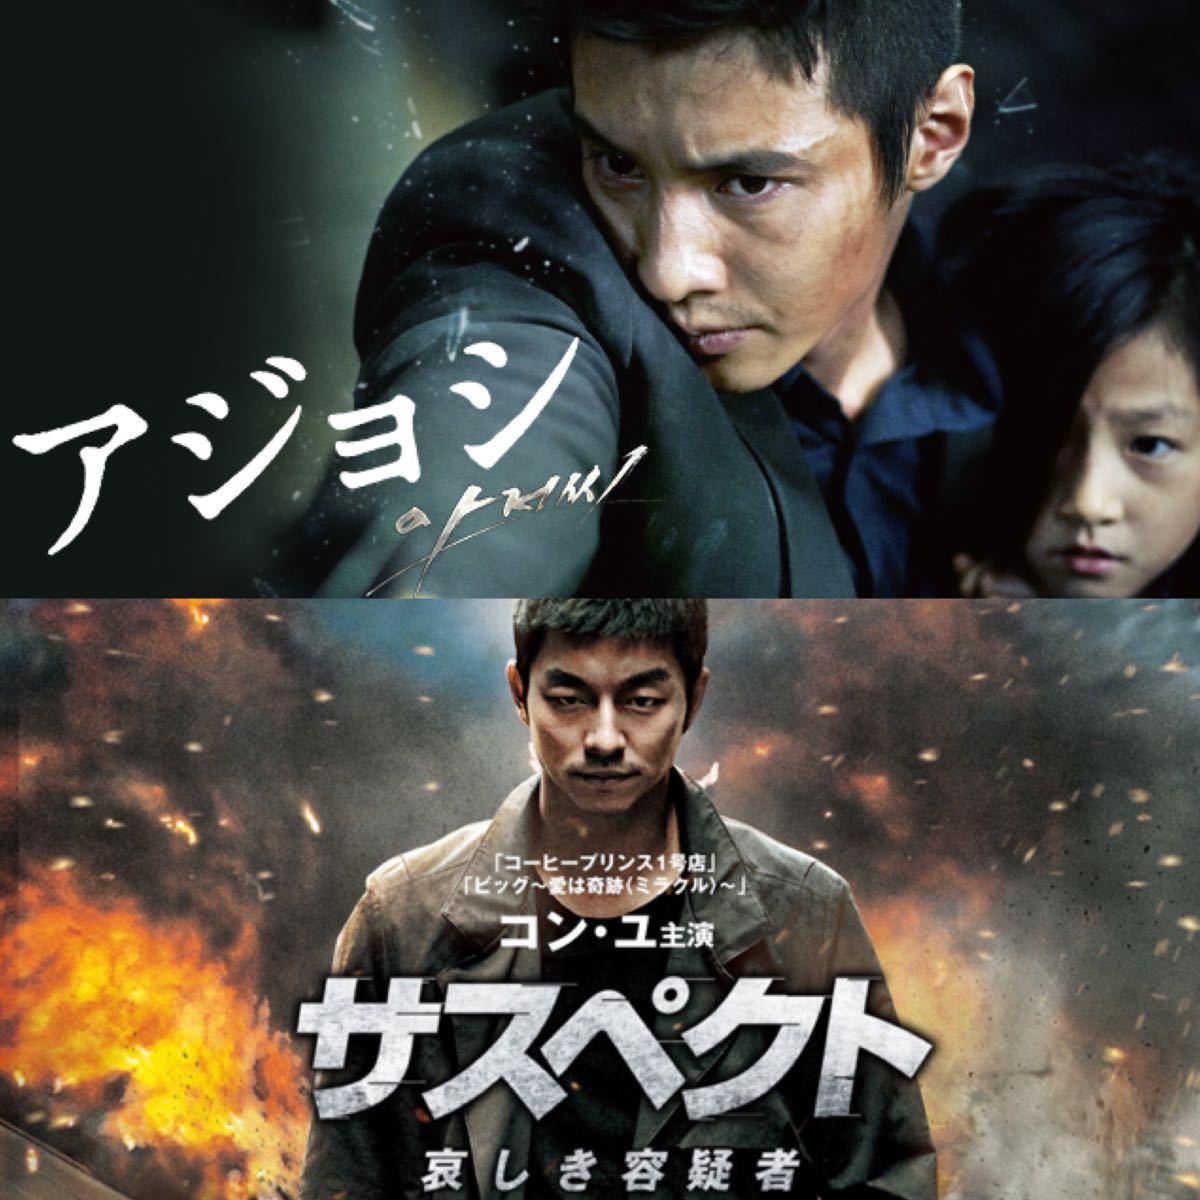 韓国映画  アジョシ  サスペクト  DVD  2点セット  日本語吹替有り  レーベル有り